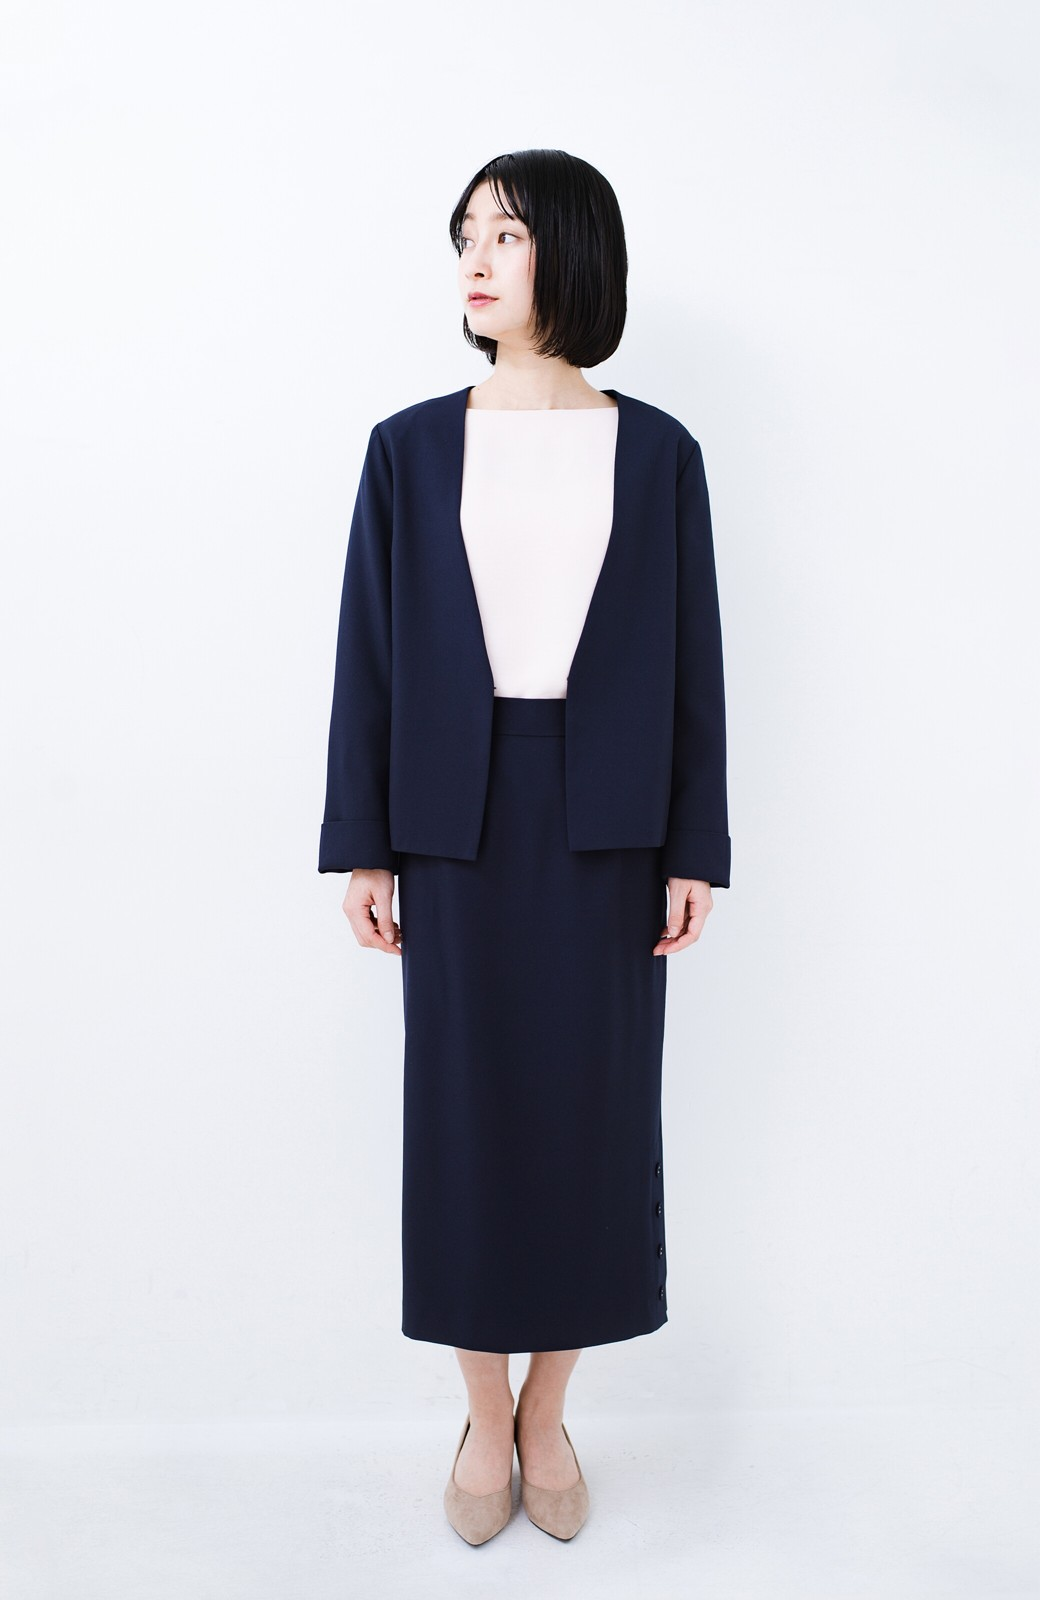 haco! 持っていると便利な野暮ったくならないフォーマルジャケット・スカートの2点セット <ダークネイビー>の商品写真5